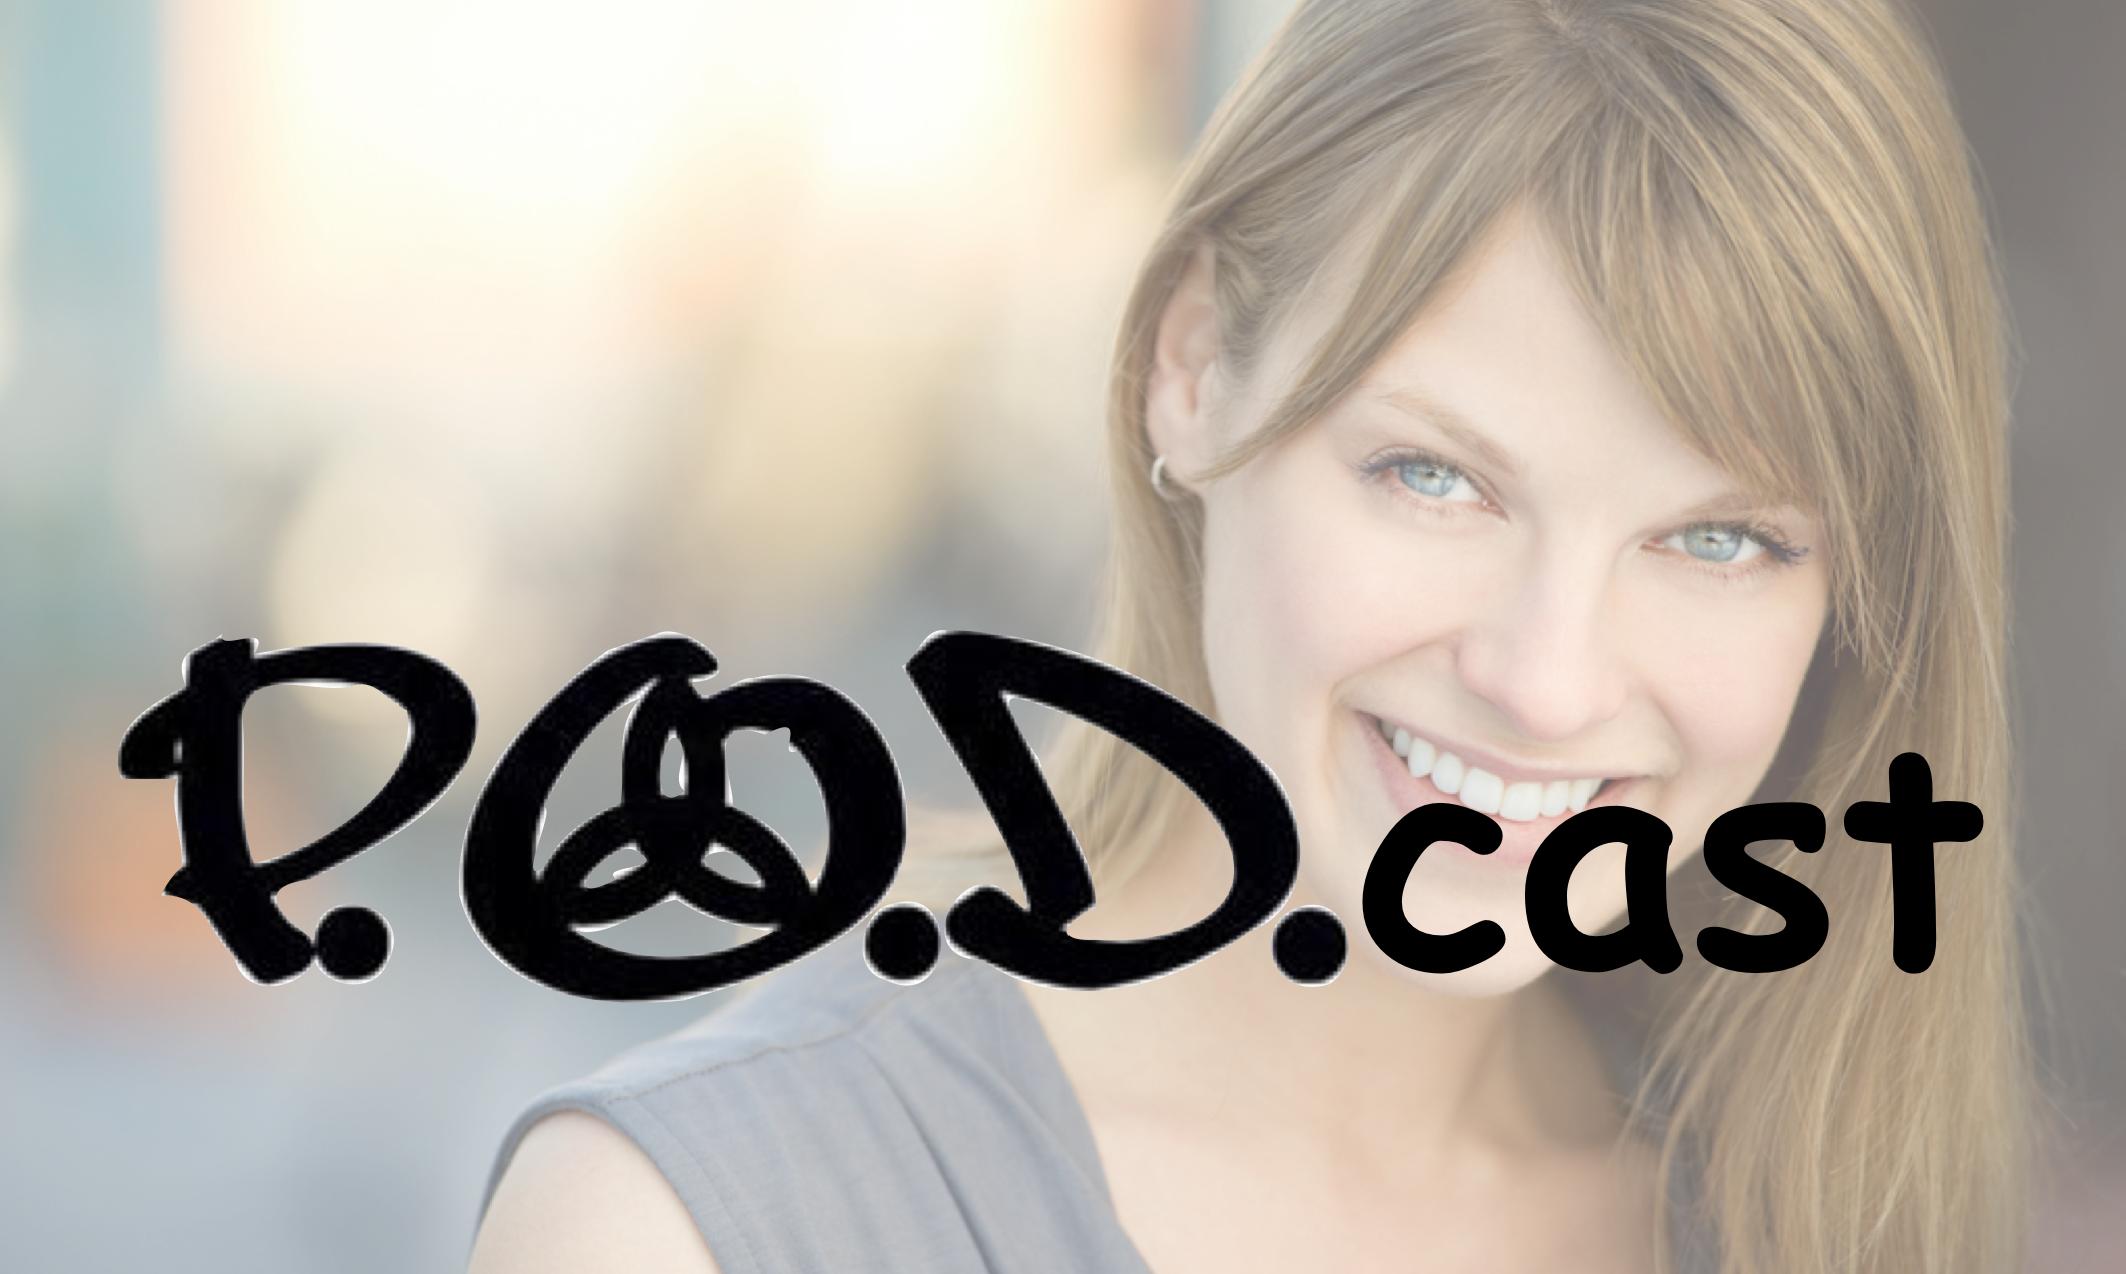 P O D cast — Nicole Conlan